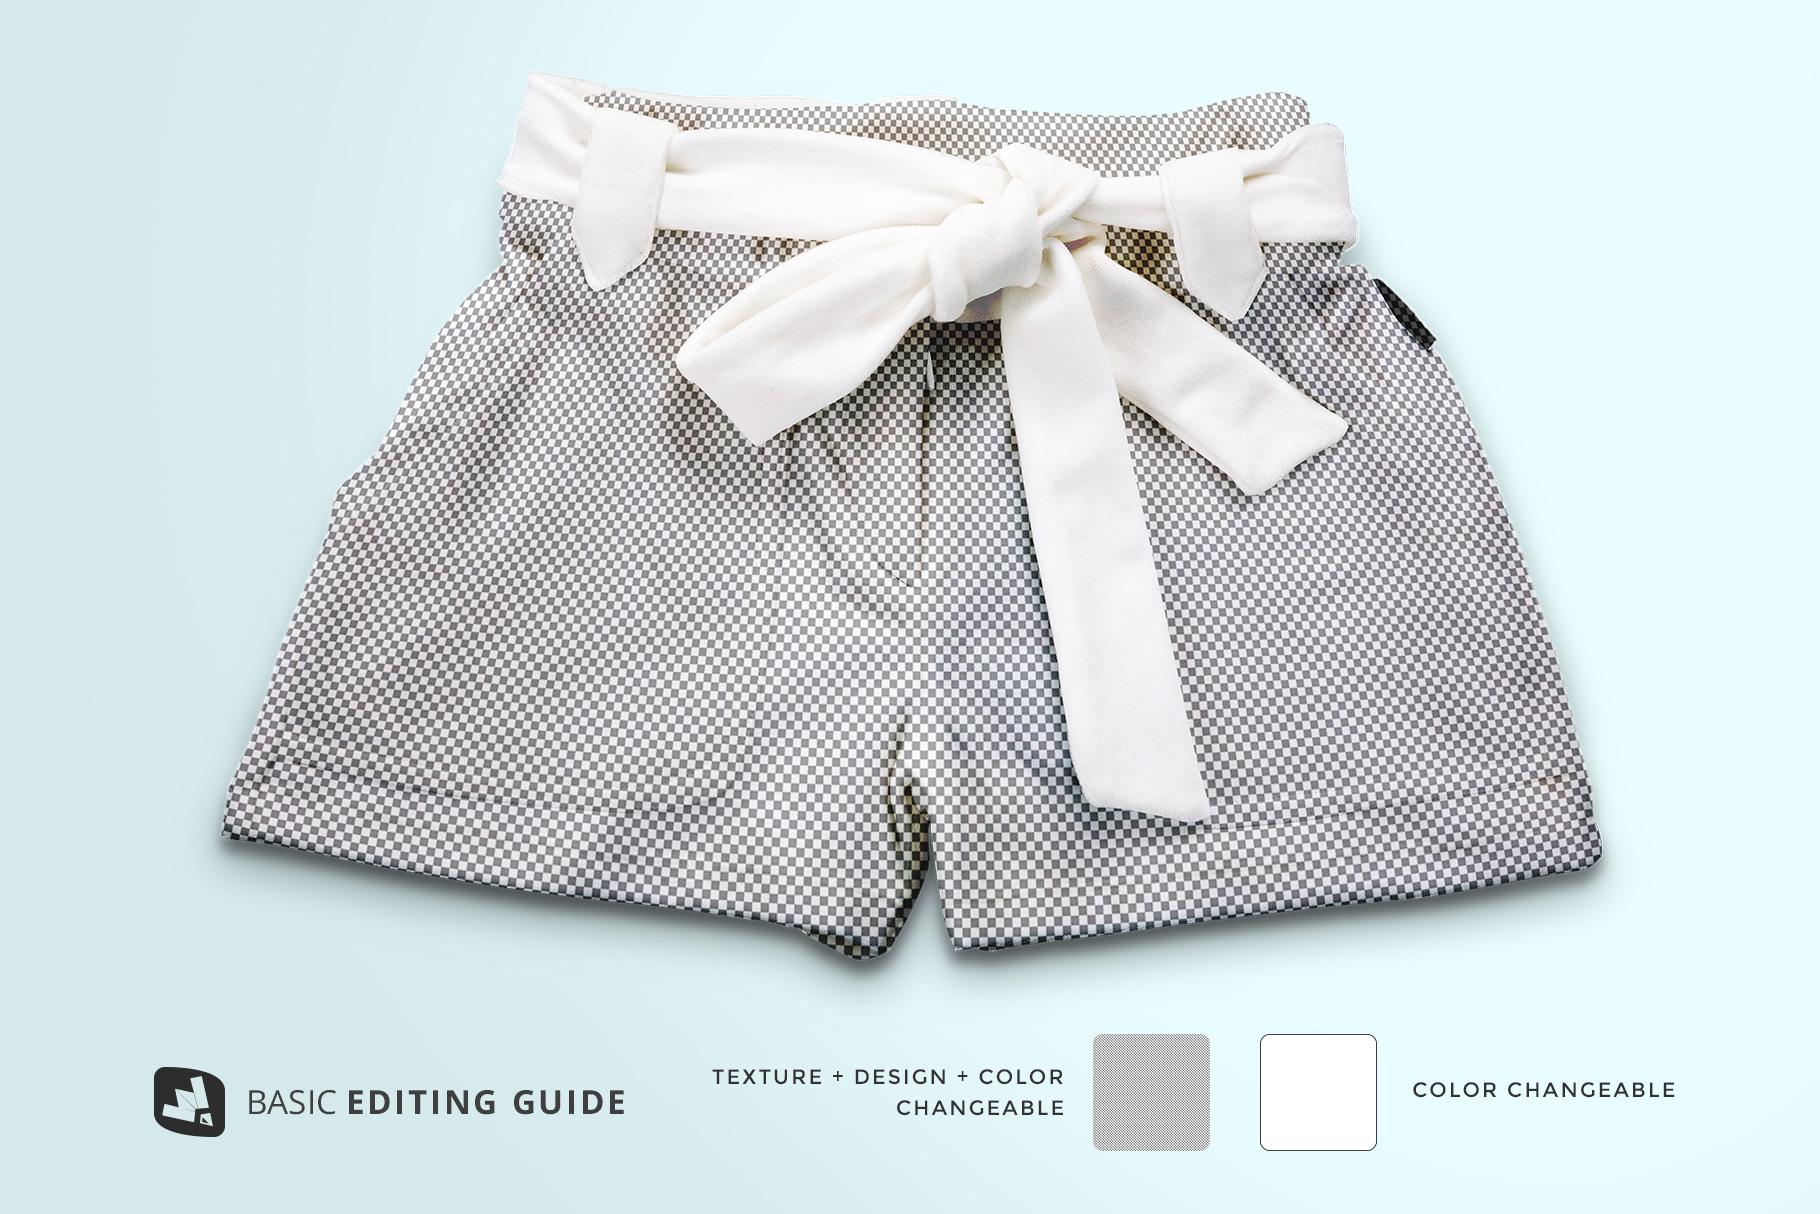 editability of the women's fancy short pants mockup